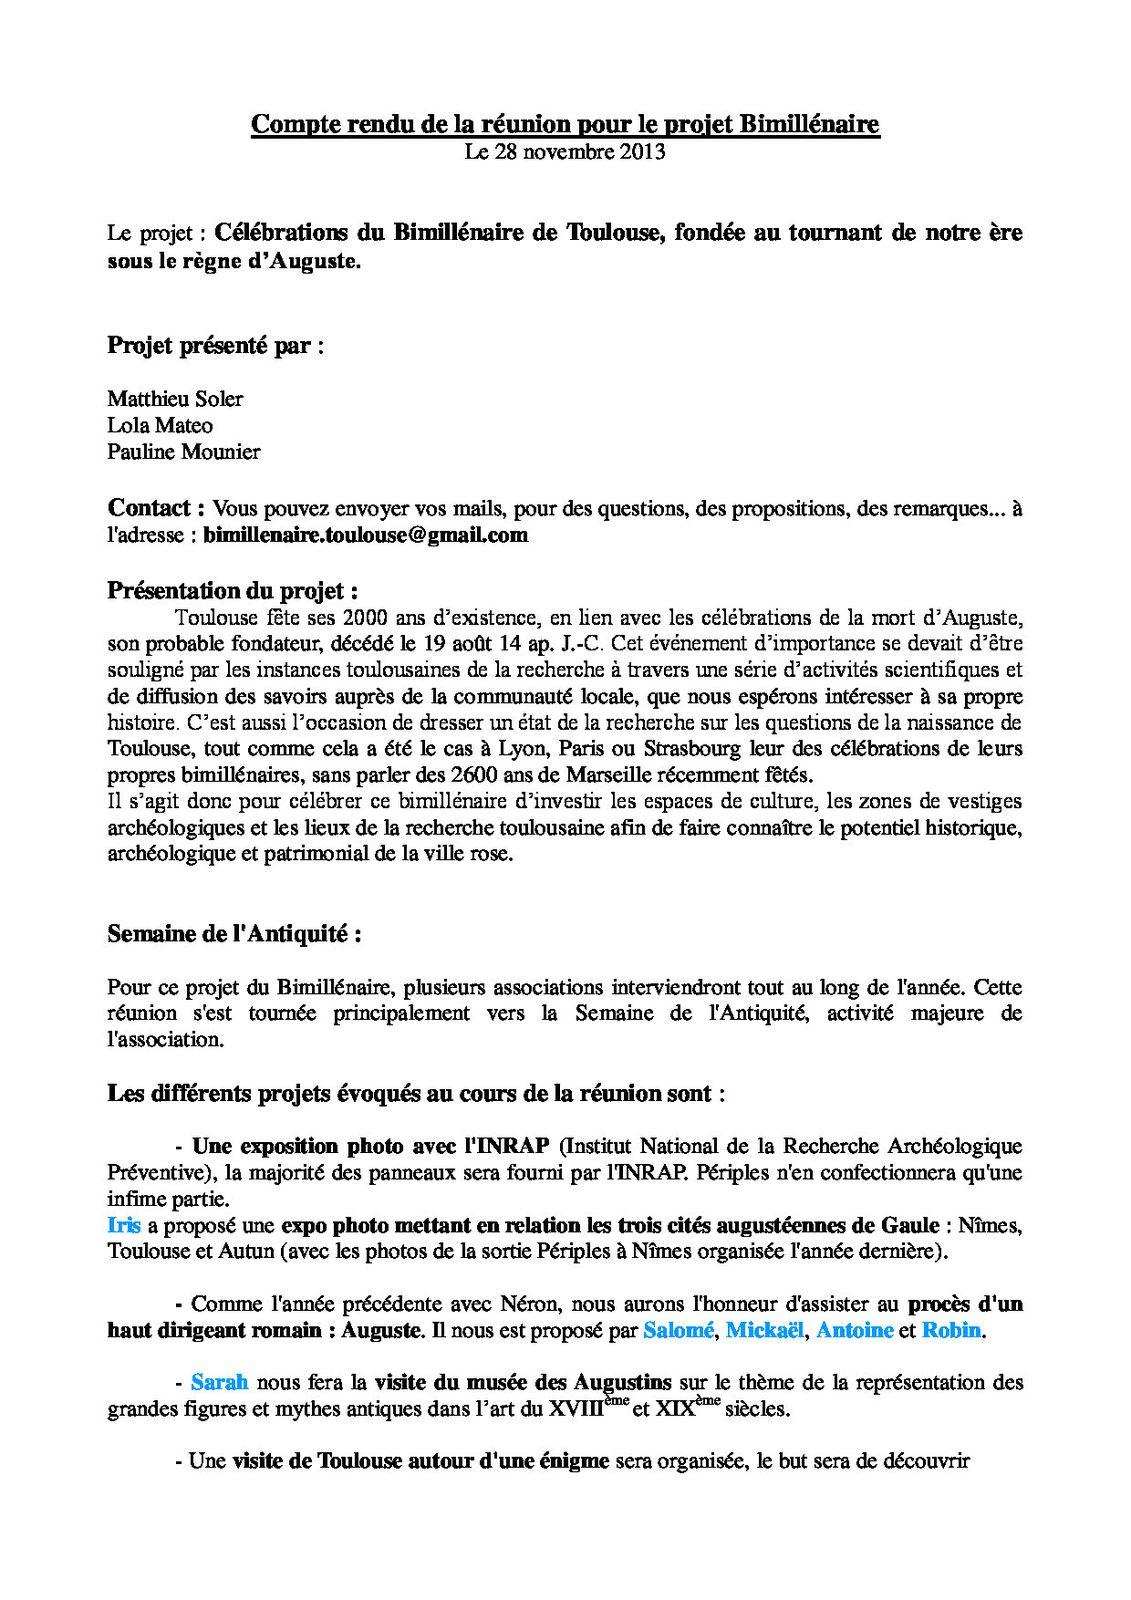 Compte-rendu de la 1ère réunion du projet &quot&#x3B;Bimillénaire&quot&#x3B; 28.11.13